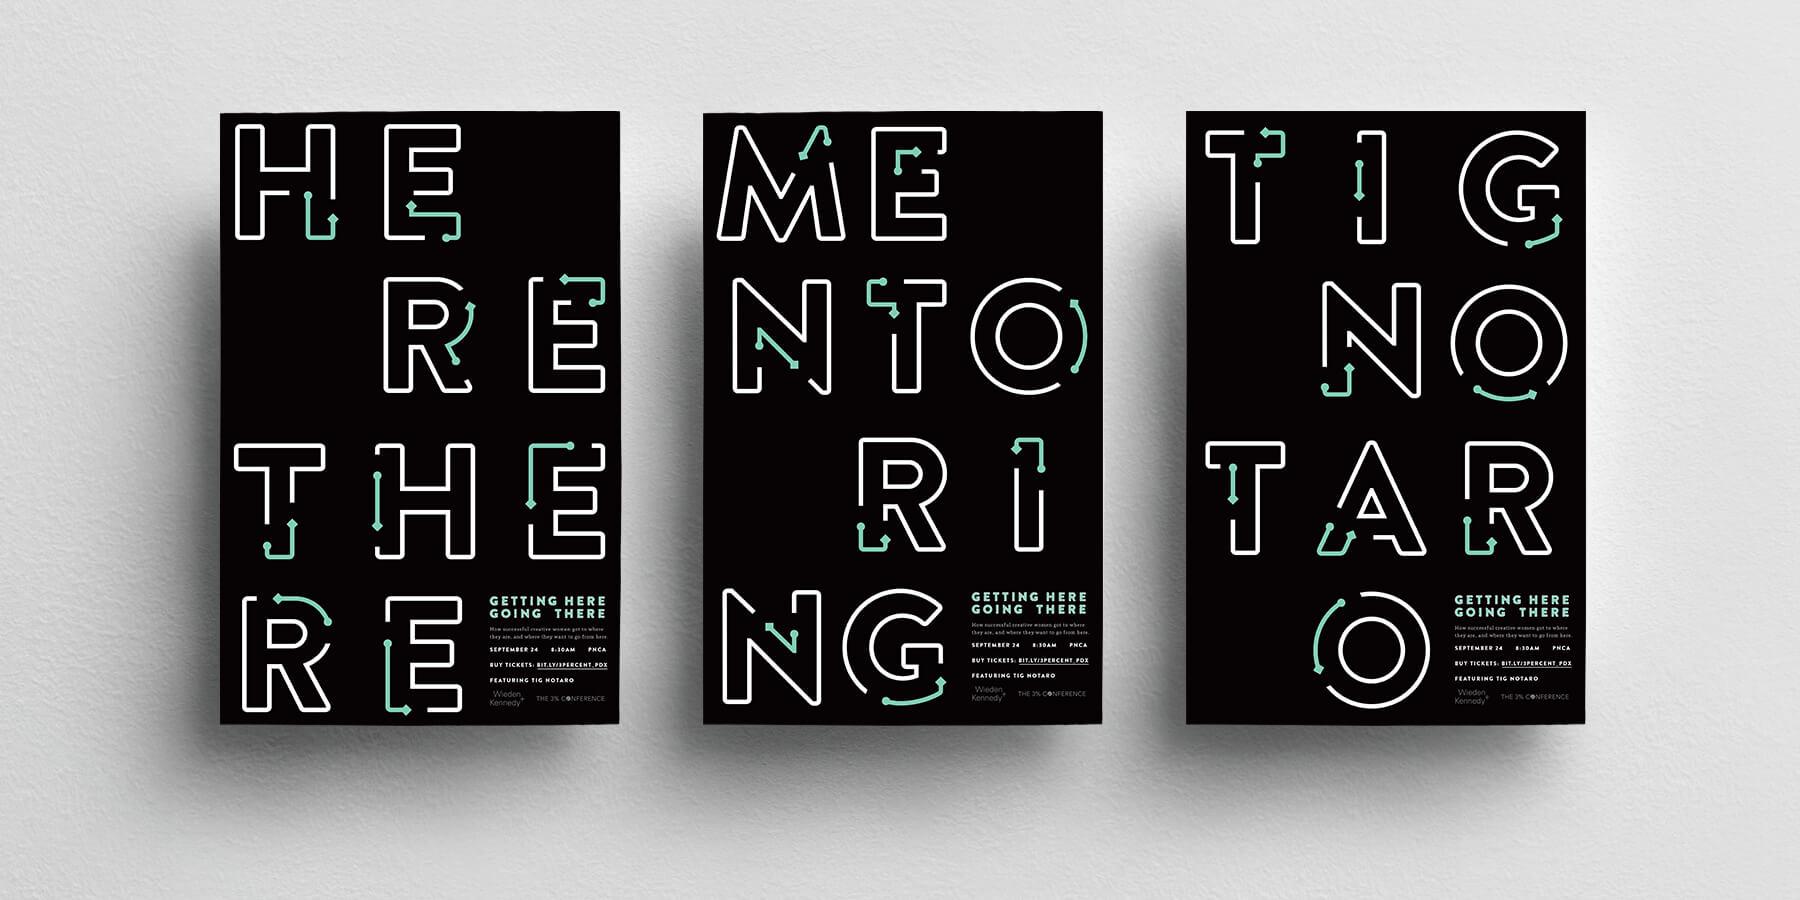 MJK_ThreePercent_Posters